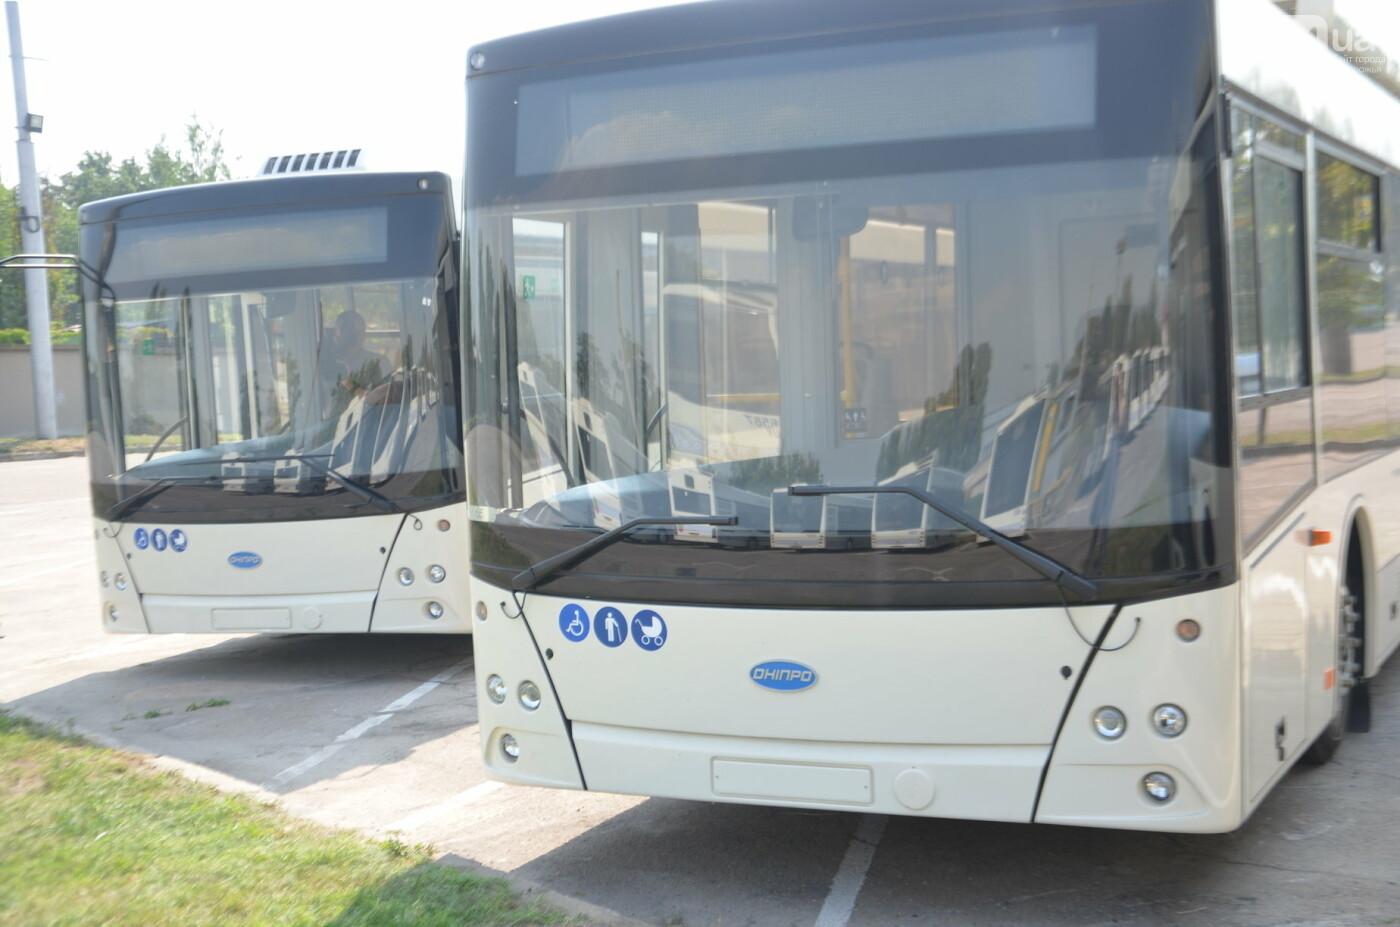 В Запорожье на линию выйдут пять новых троллейбусов с автономным ходом, - ФОТОРЕПОРТАЖ, фото-13